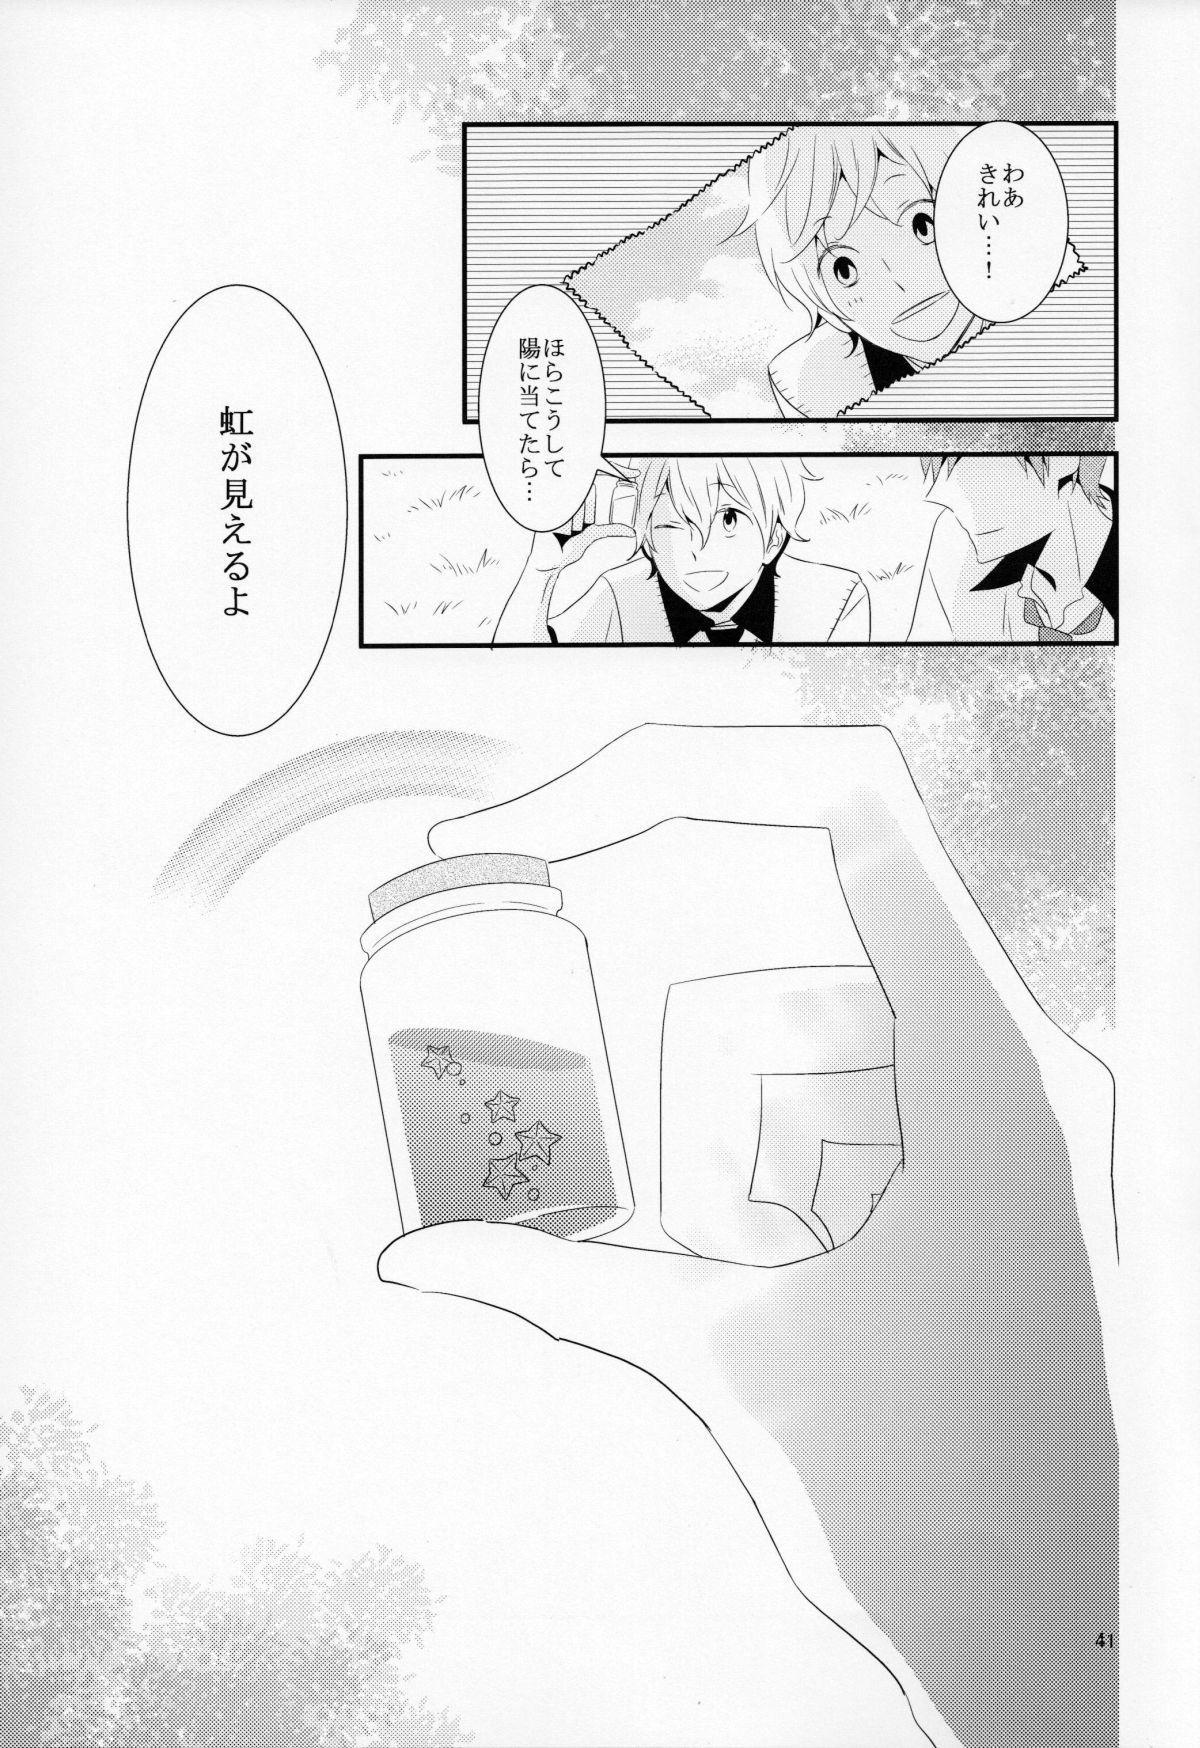 Sayonara, Bokura no Hatsukoi 40